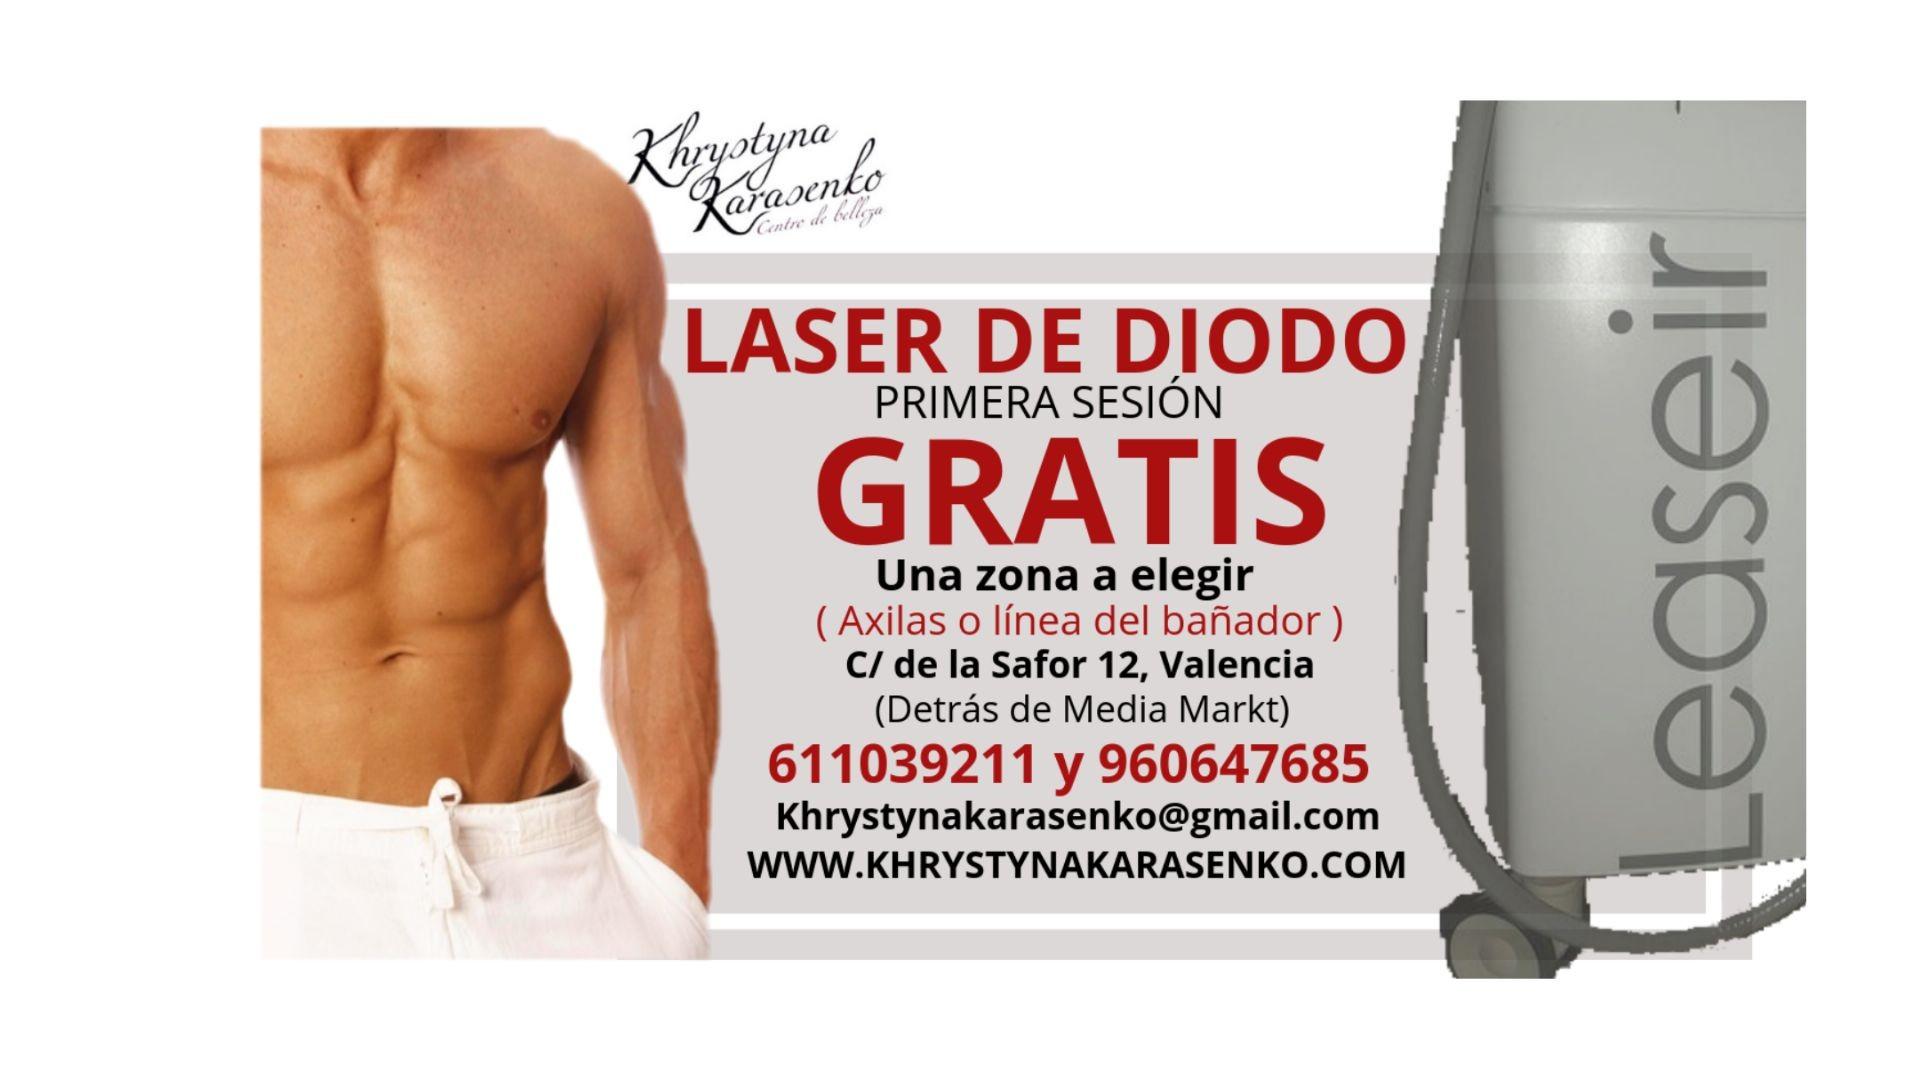 Depilación láser Diodo Valencia | sesión gratuita